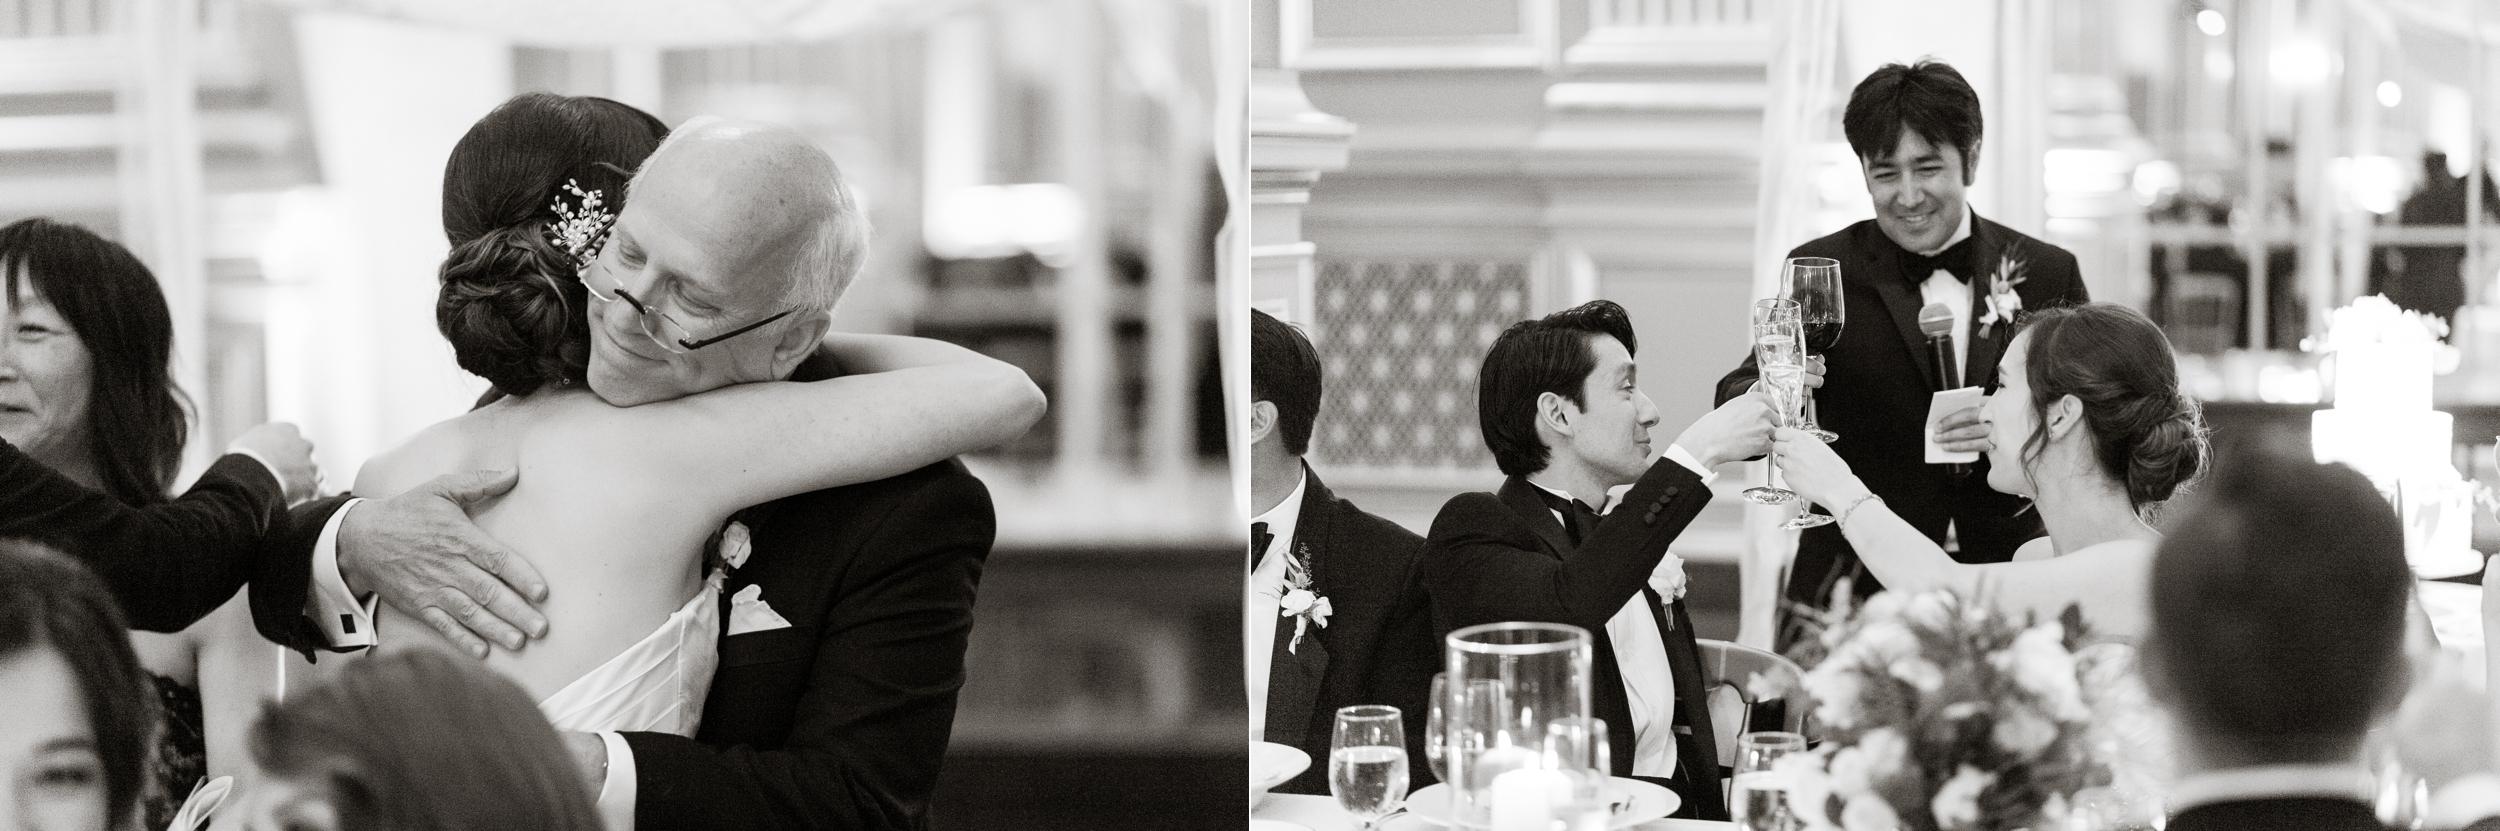 55san-francisco-green-room-wedding-photographer-vivianchen.jpg